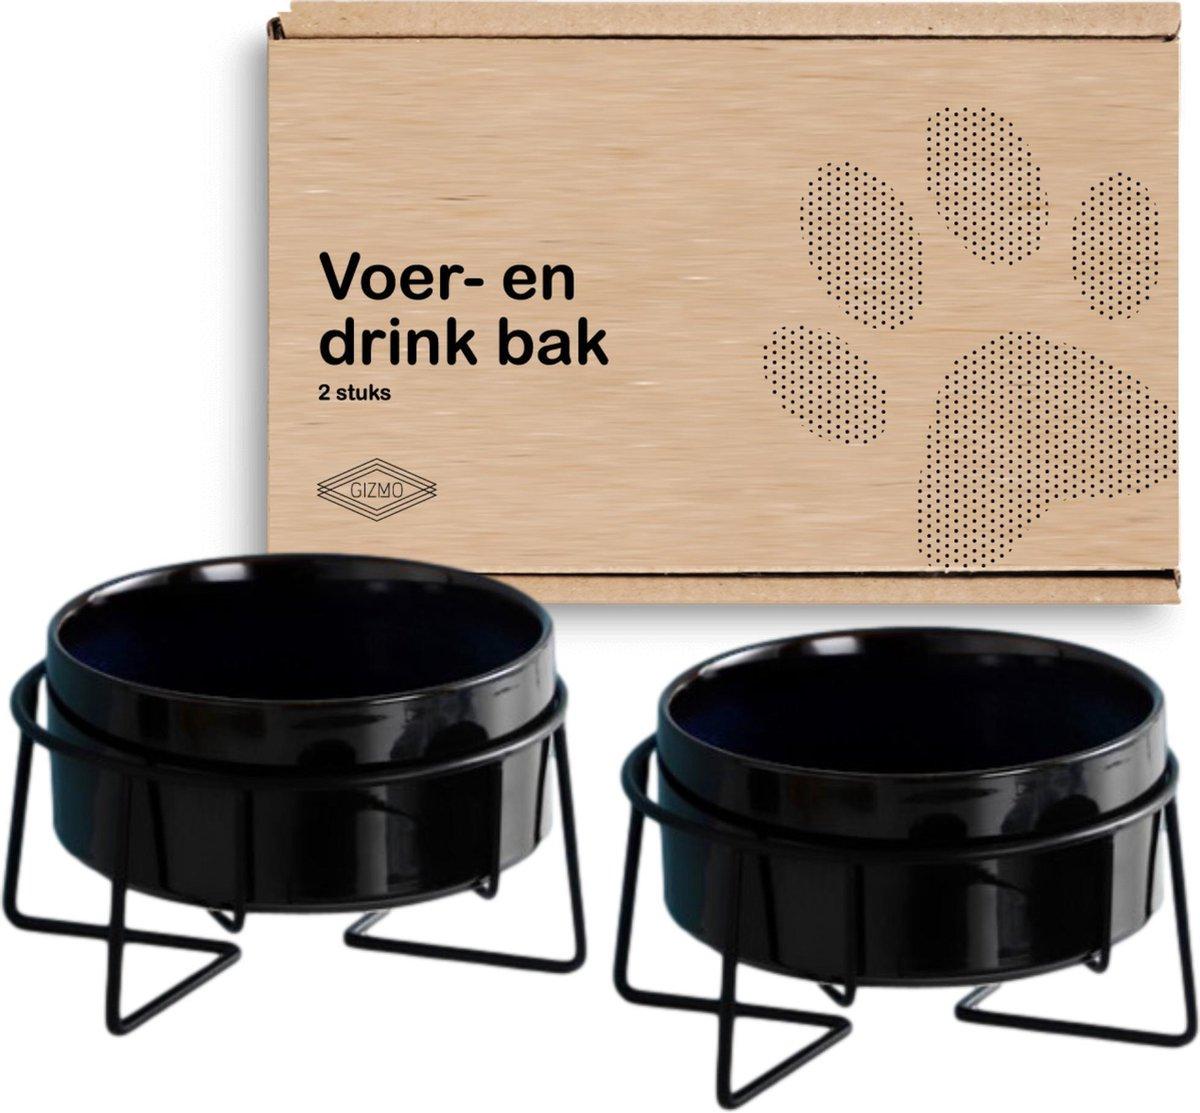 GIZMO 2x Voerbak Kat/Hond (Middelgroot) - 850 ml - Zwart/Blauw - Keramische Drink- & Voerbakken met